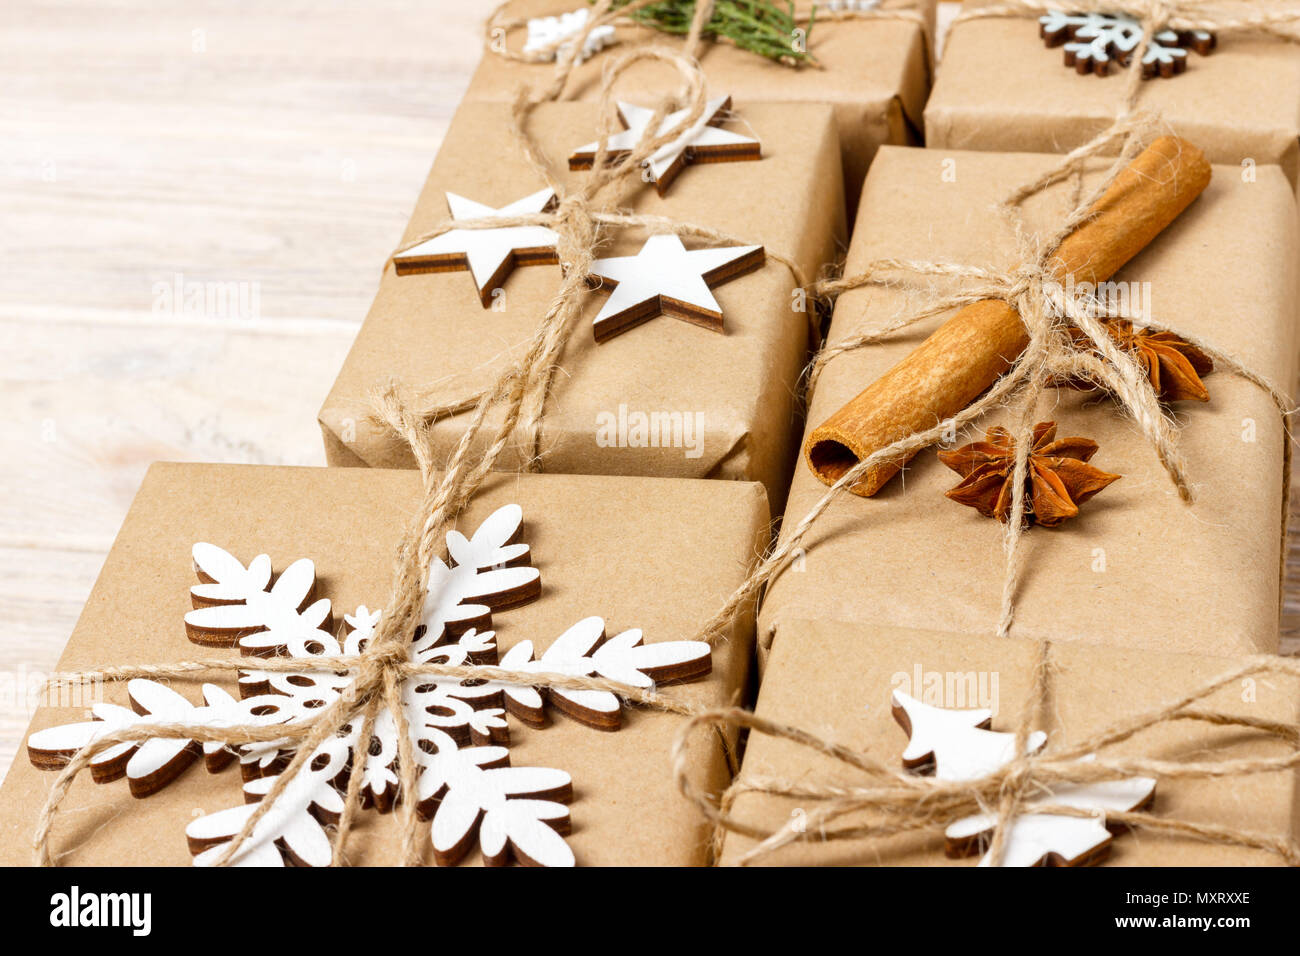 Regali Di Natale Di Carta.Regali Di Natale Con Il Fatto A Mano Di Decorazioni Posto